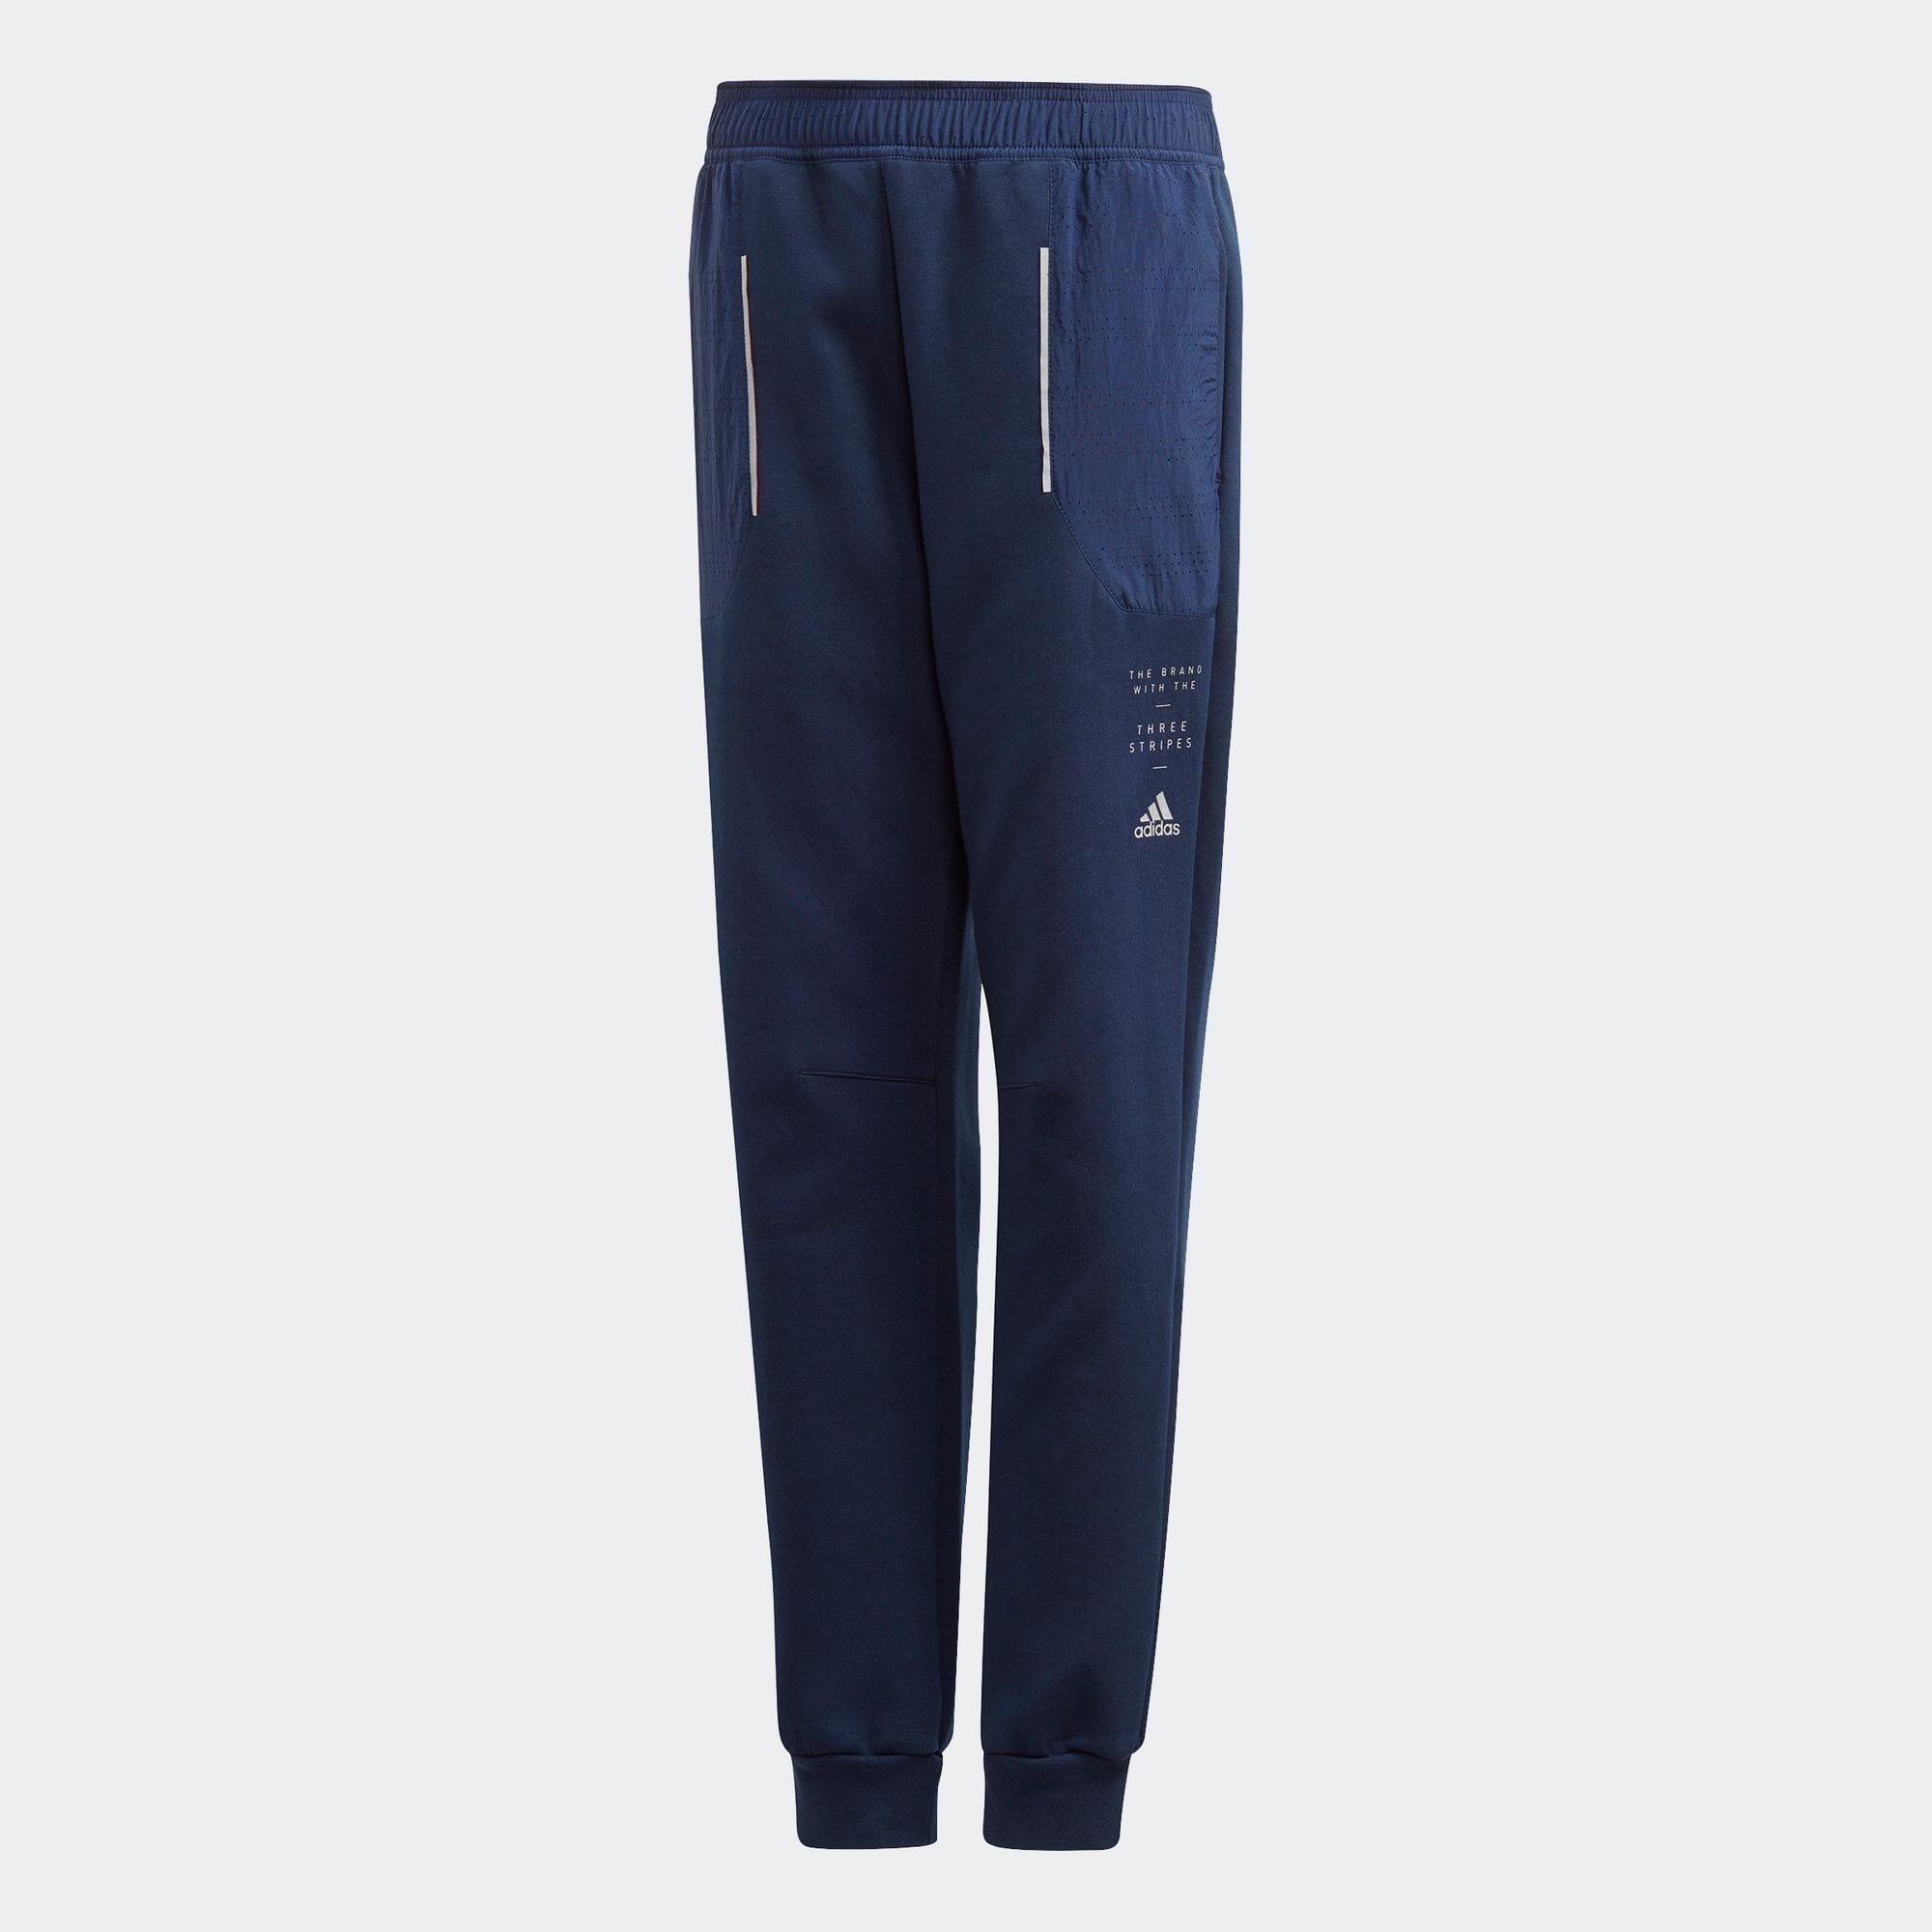 スペーサー パンツ / Spacer Pants